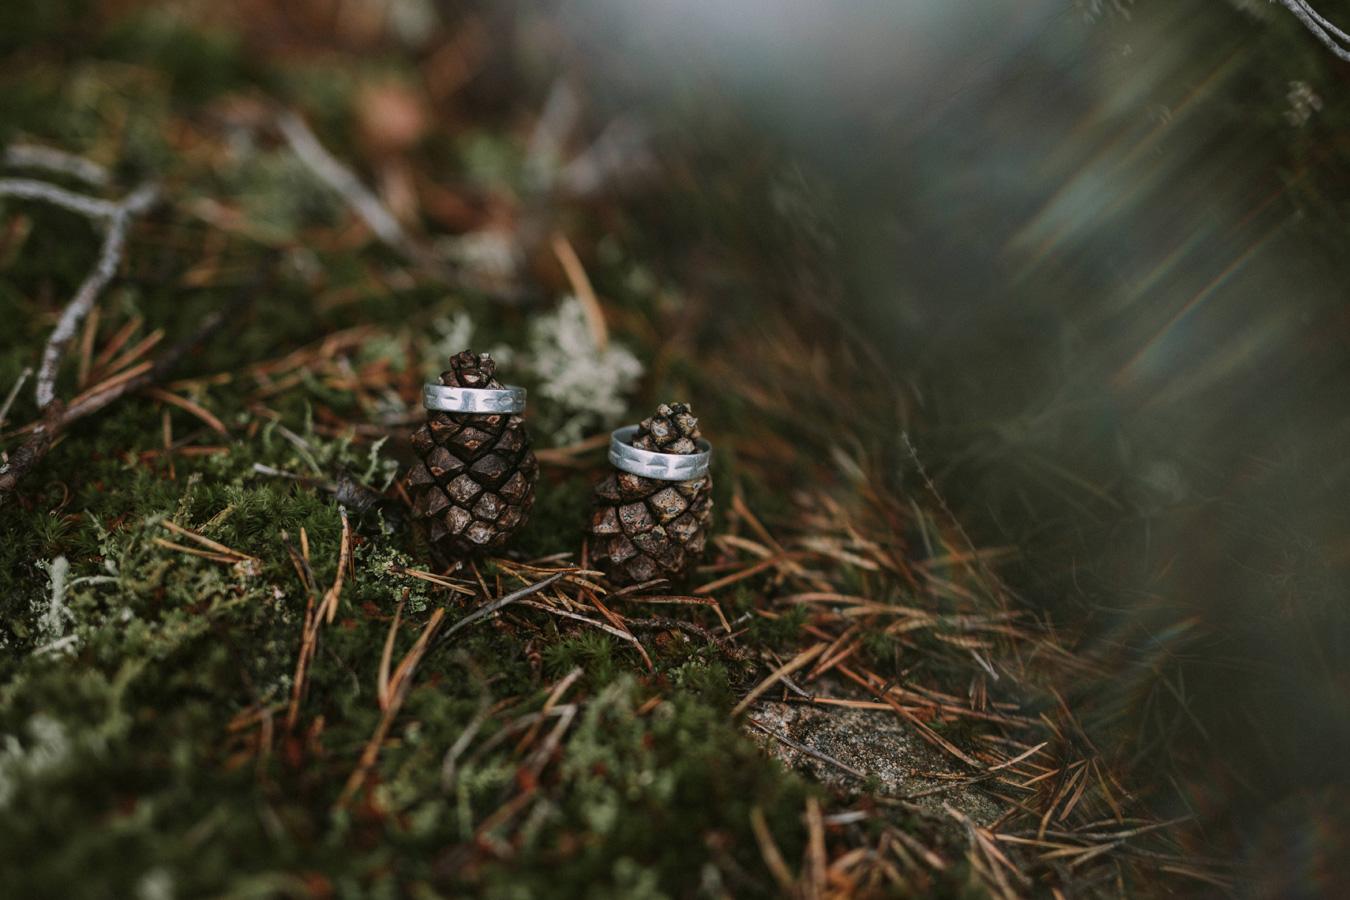 043-bryllupsfotograf-oslo-drobak-laavebryllup-tone-tvedt.jpg